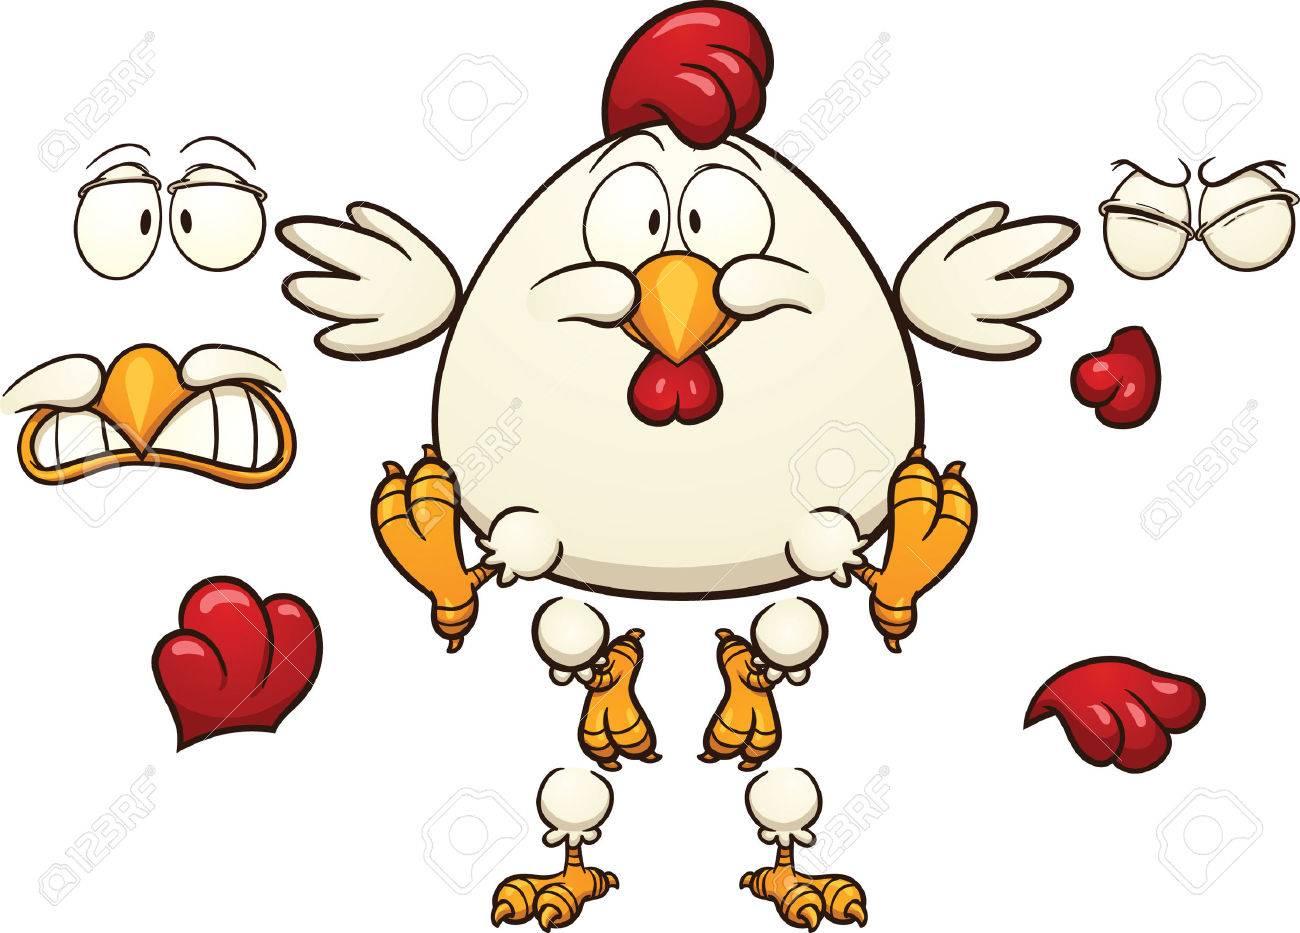 漫画鶏準備ができて簡単なグラデーションとベクトル クリップ アート画像のアニメーションを個別のレイヤー上の各要素